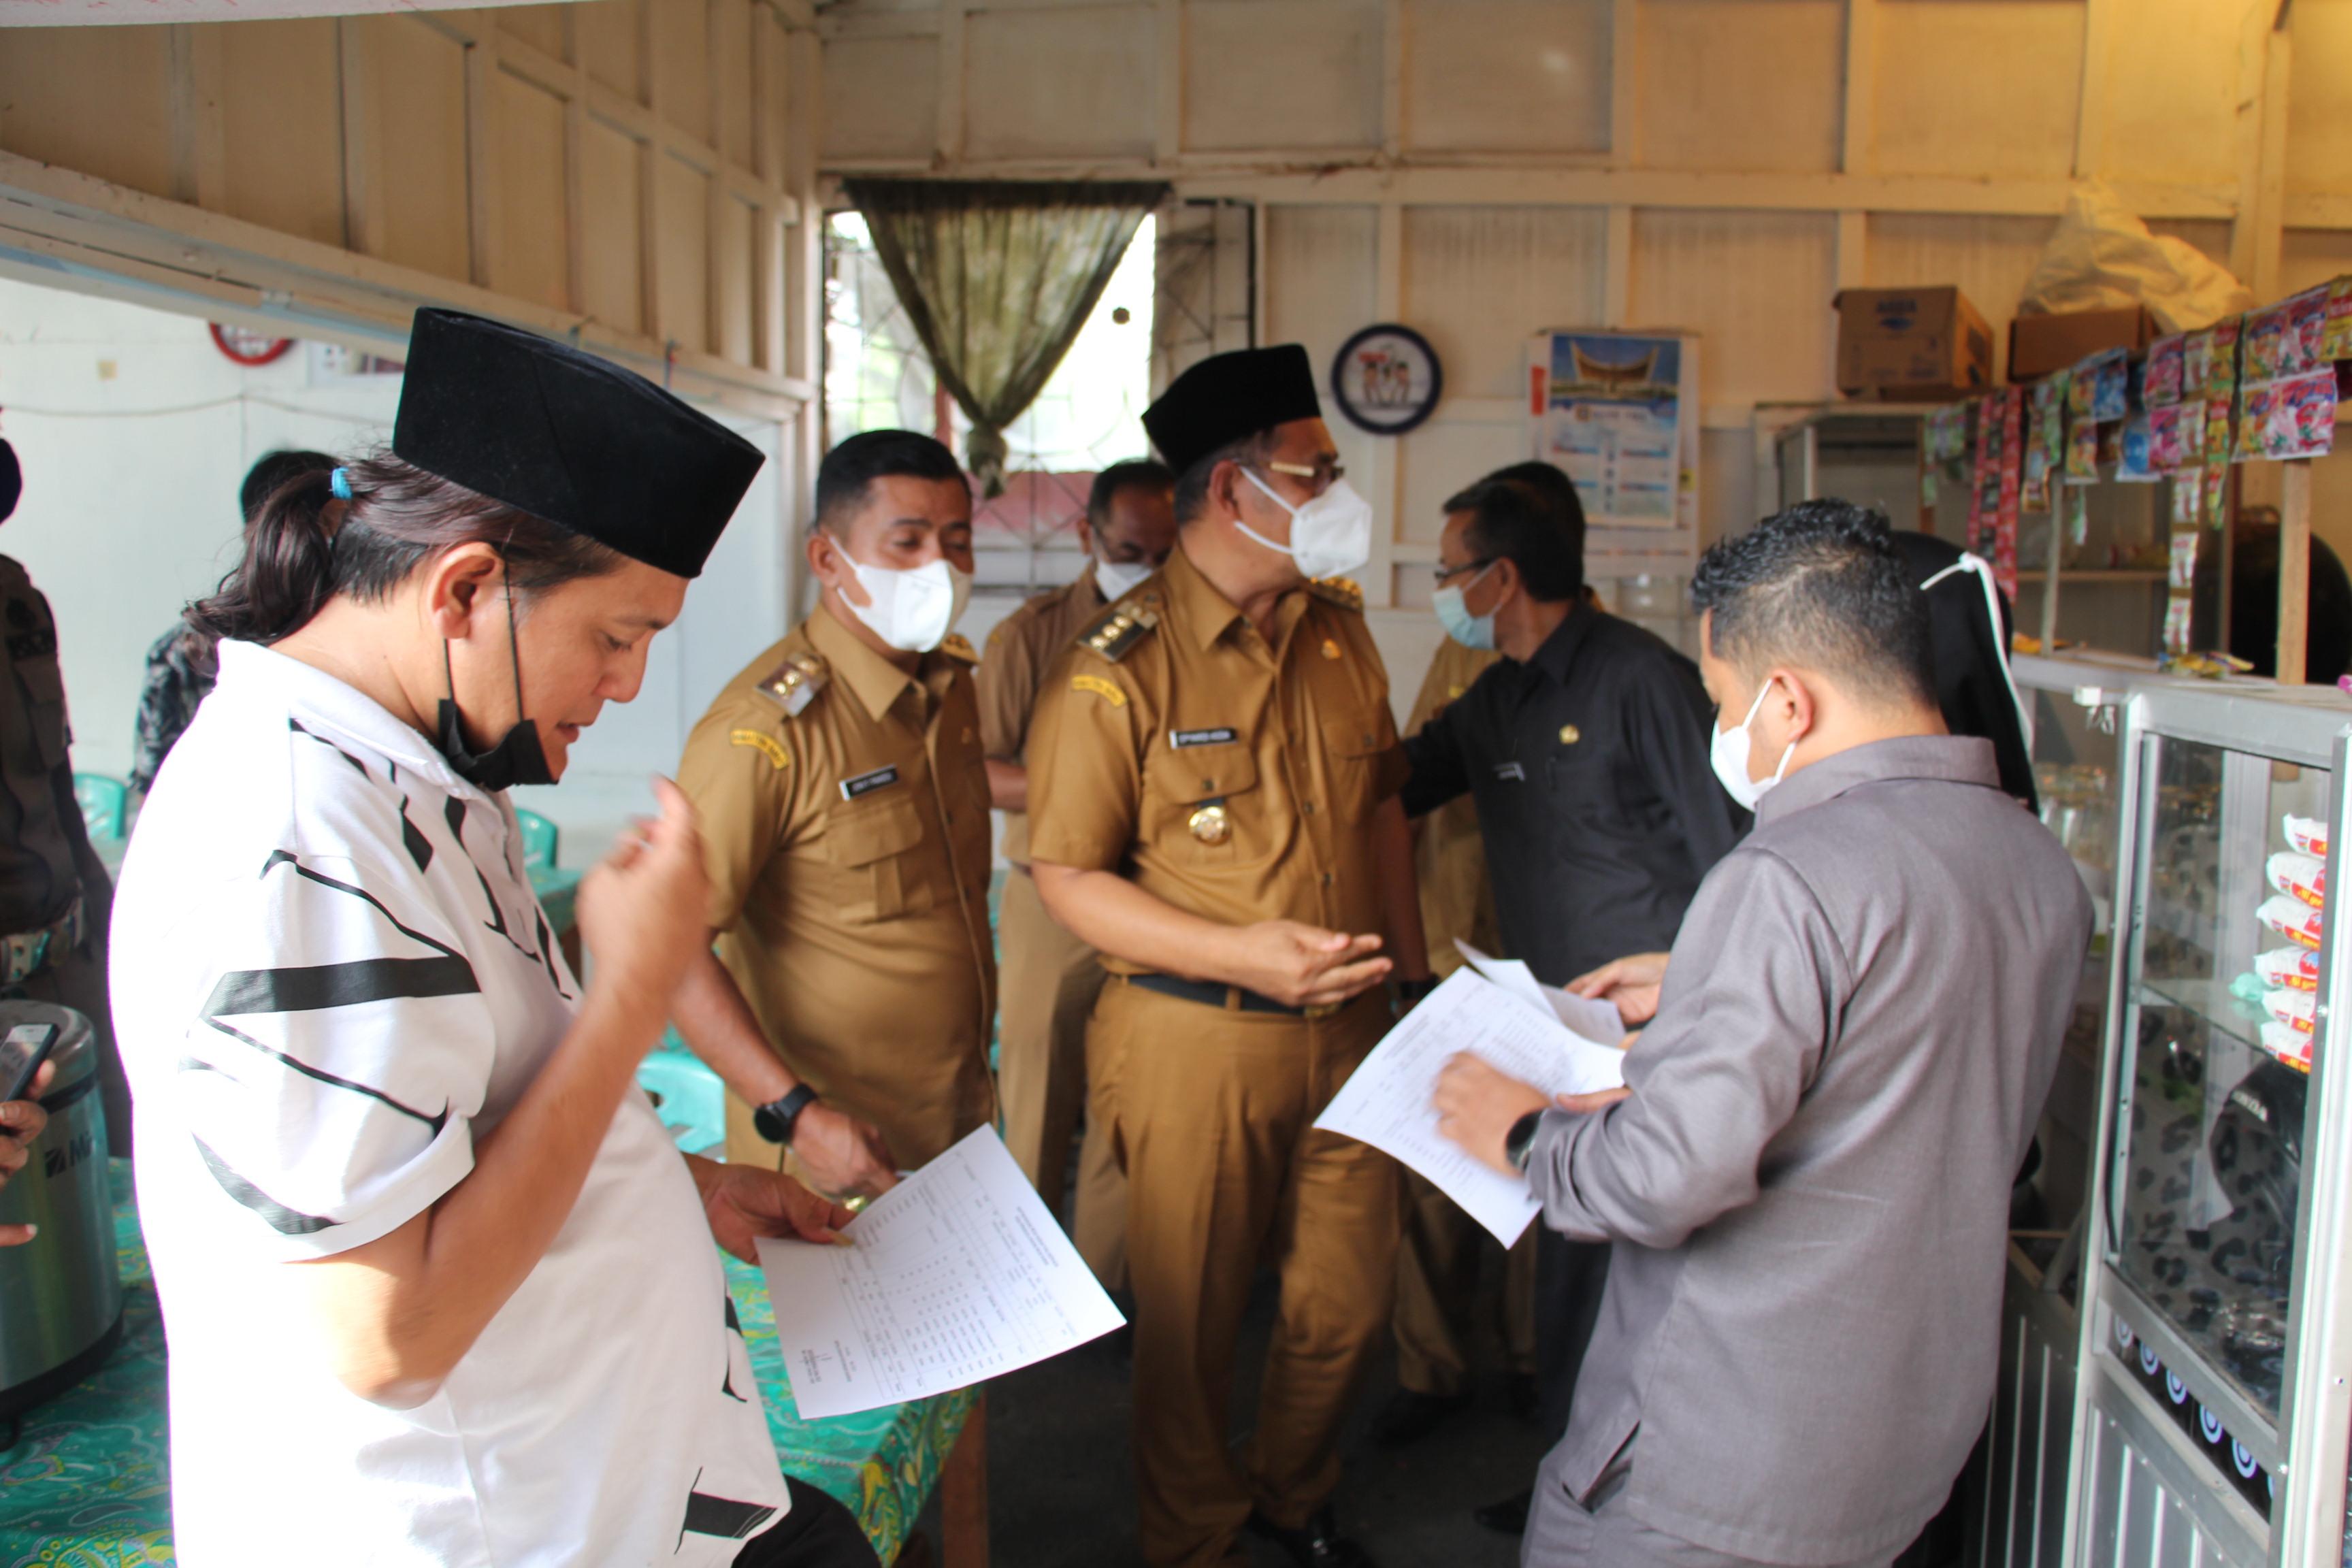 Bupati Dan Wakil Bupati Periksa Aset Pemerintah Kabupaten Solok  yang ada di Kota Solok